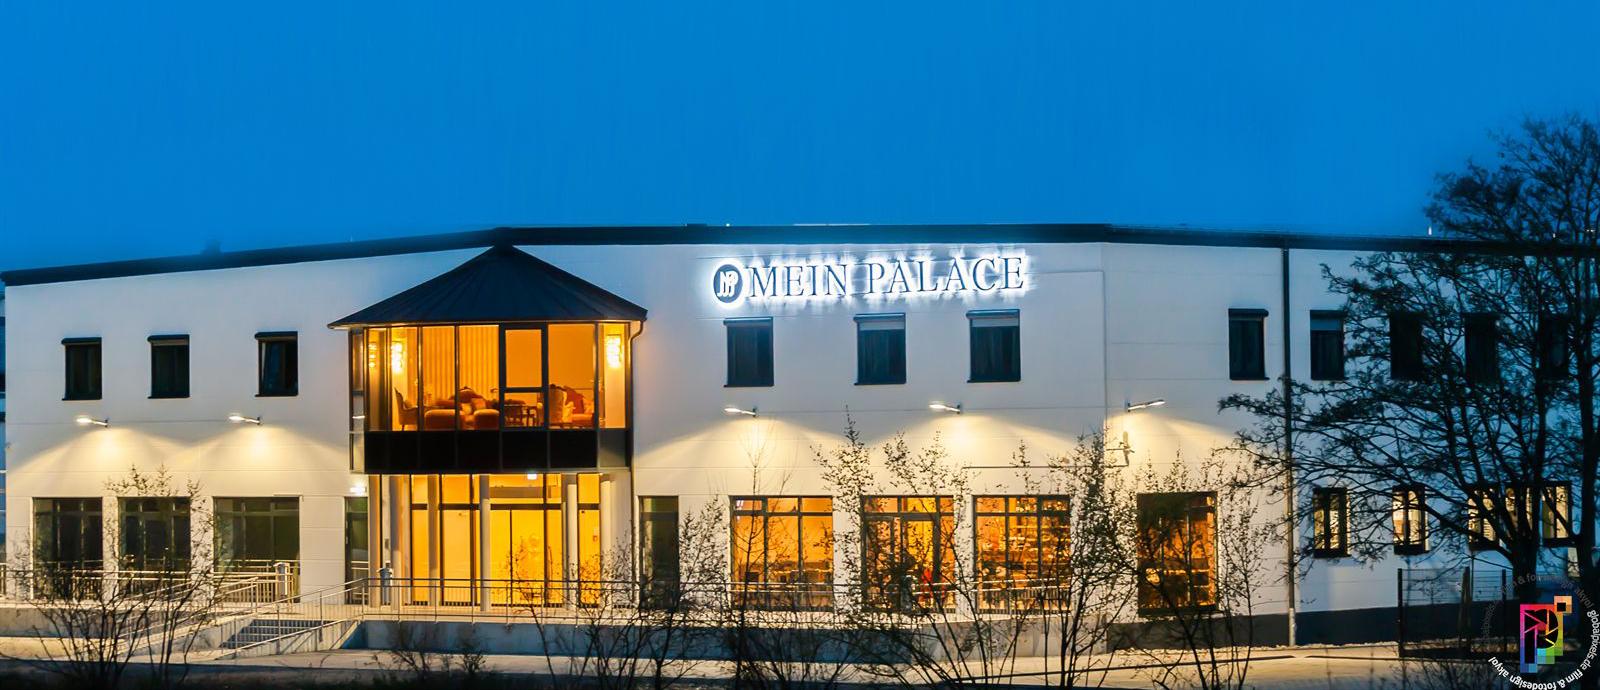 Mein Palace Event Center - Hochzeitslocation - fiylo